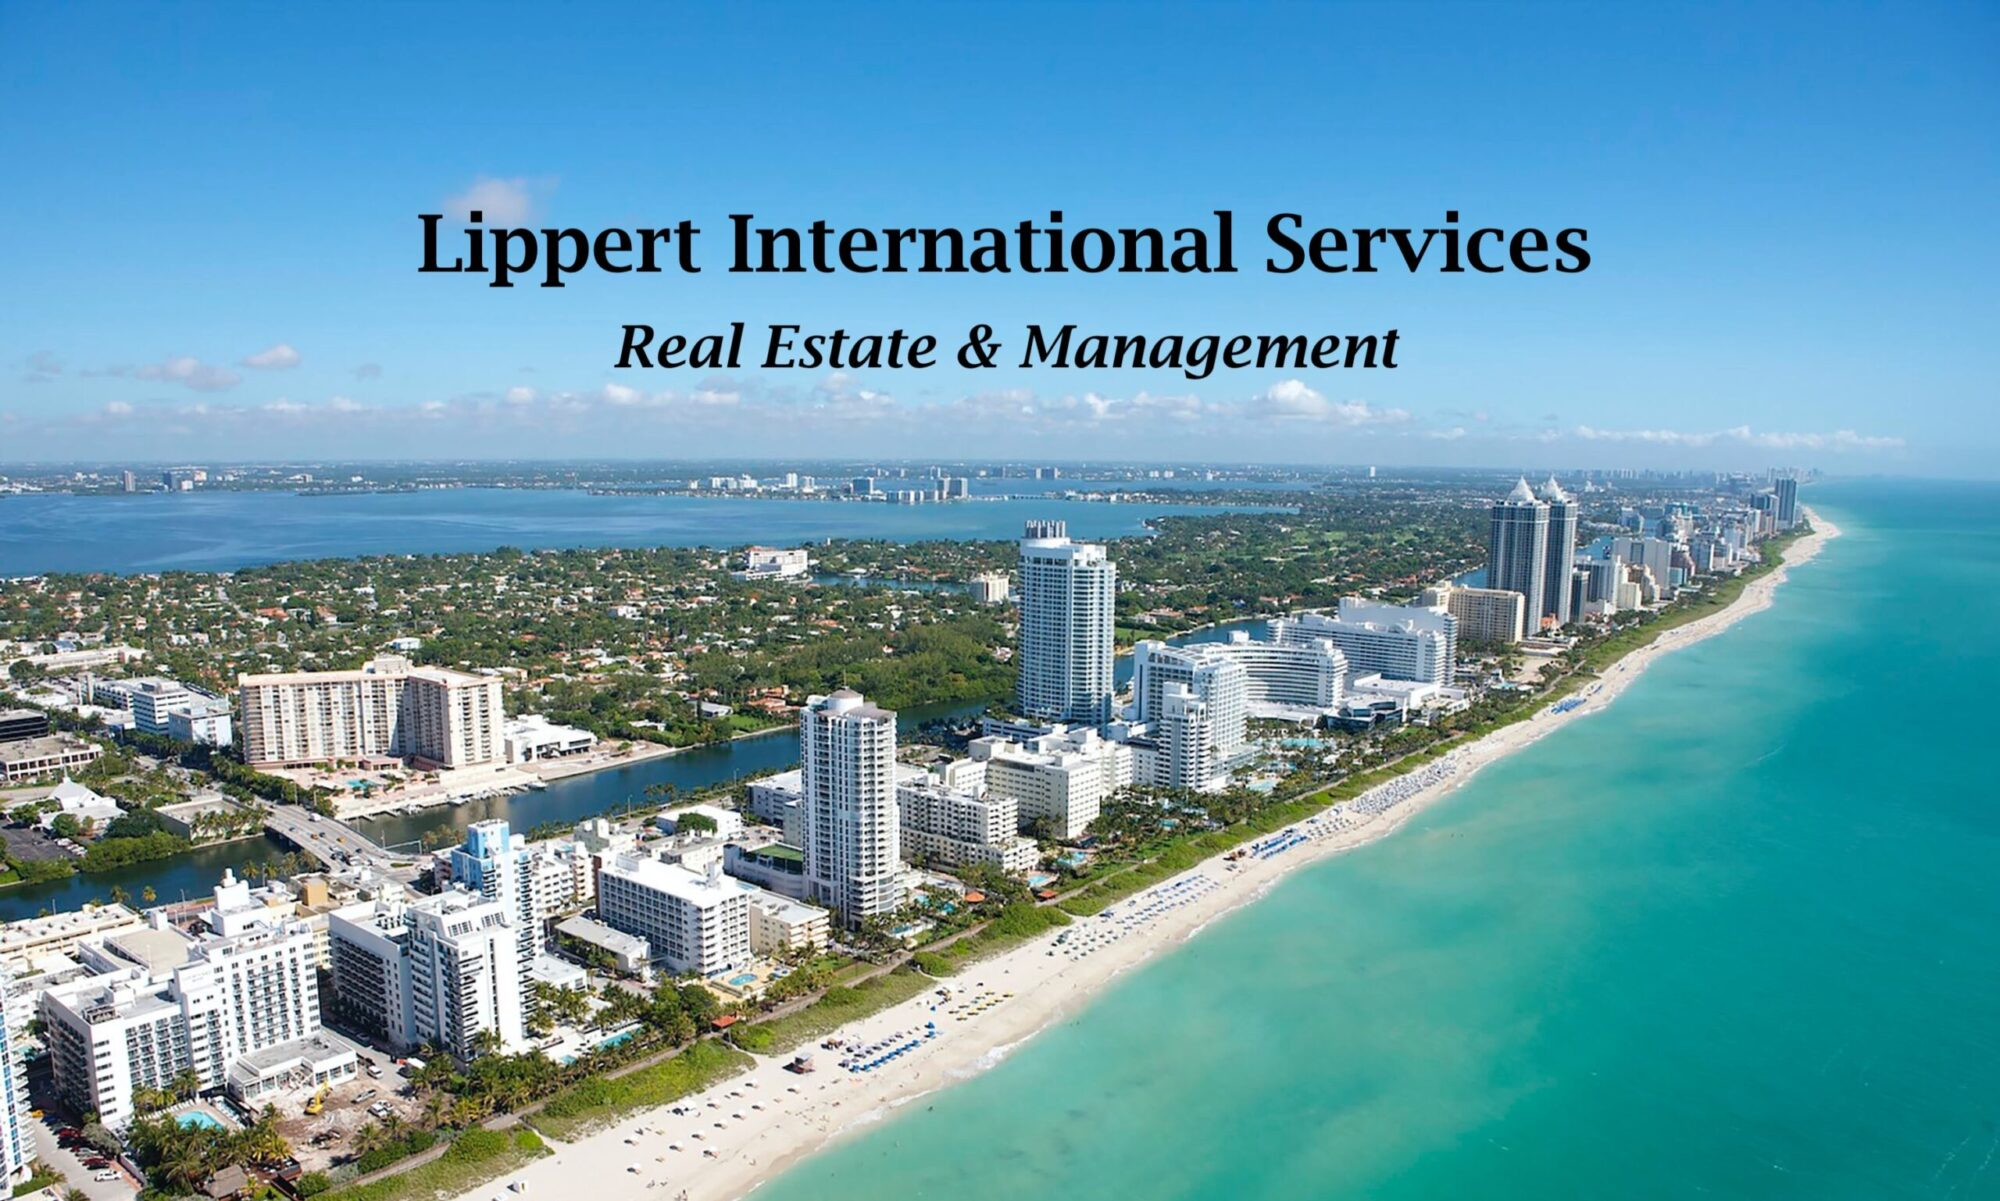 Lippert International Services